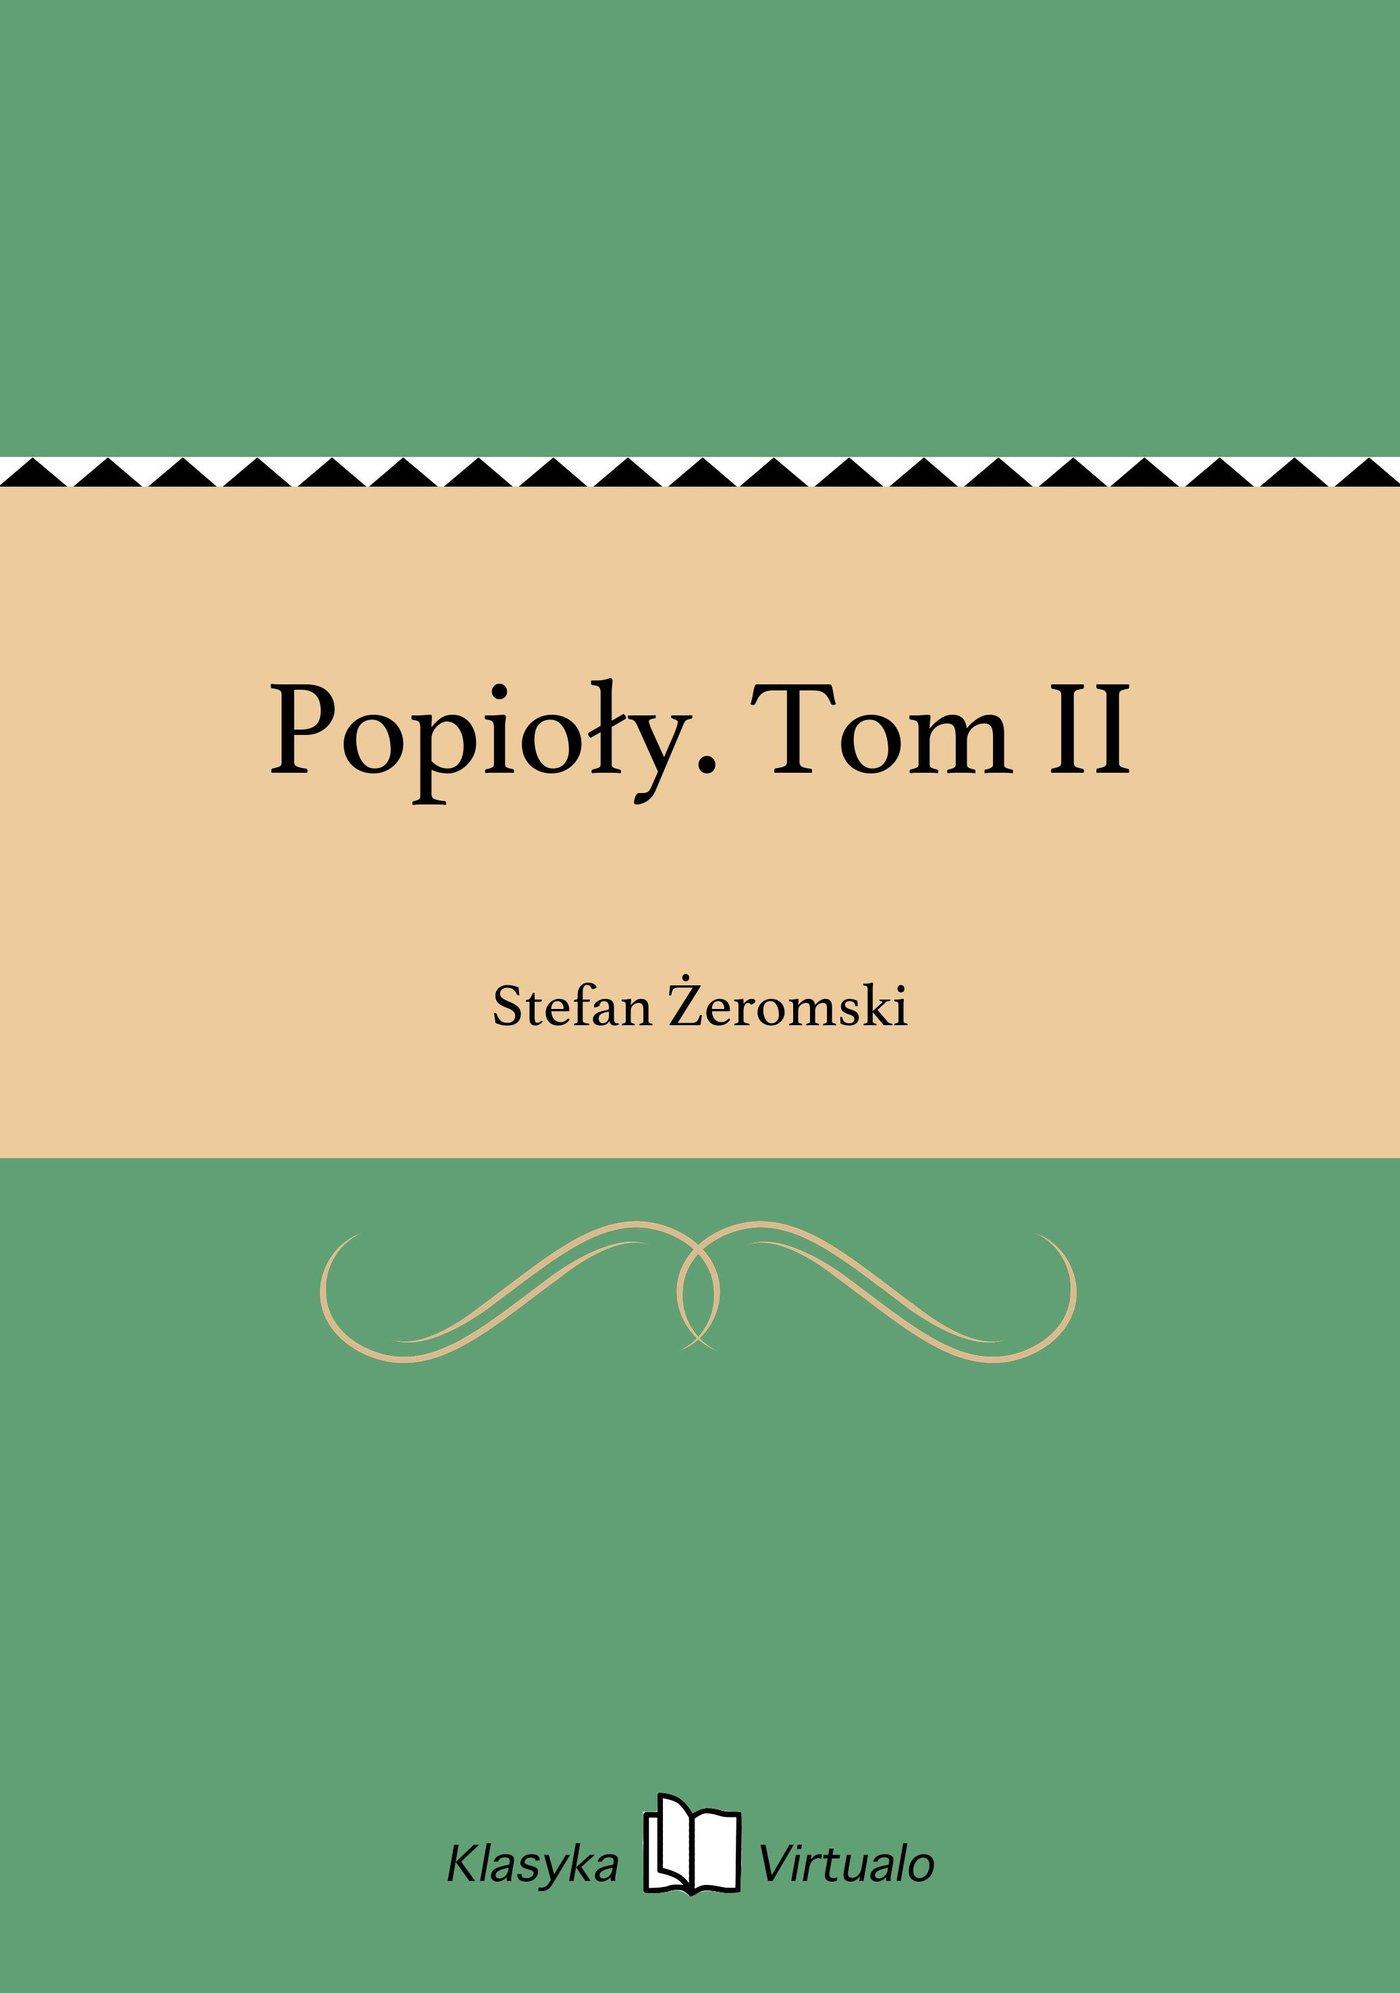 Popioły. Tom II - Ebook (Książka EPUB) do pobrania w formacie EPUB